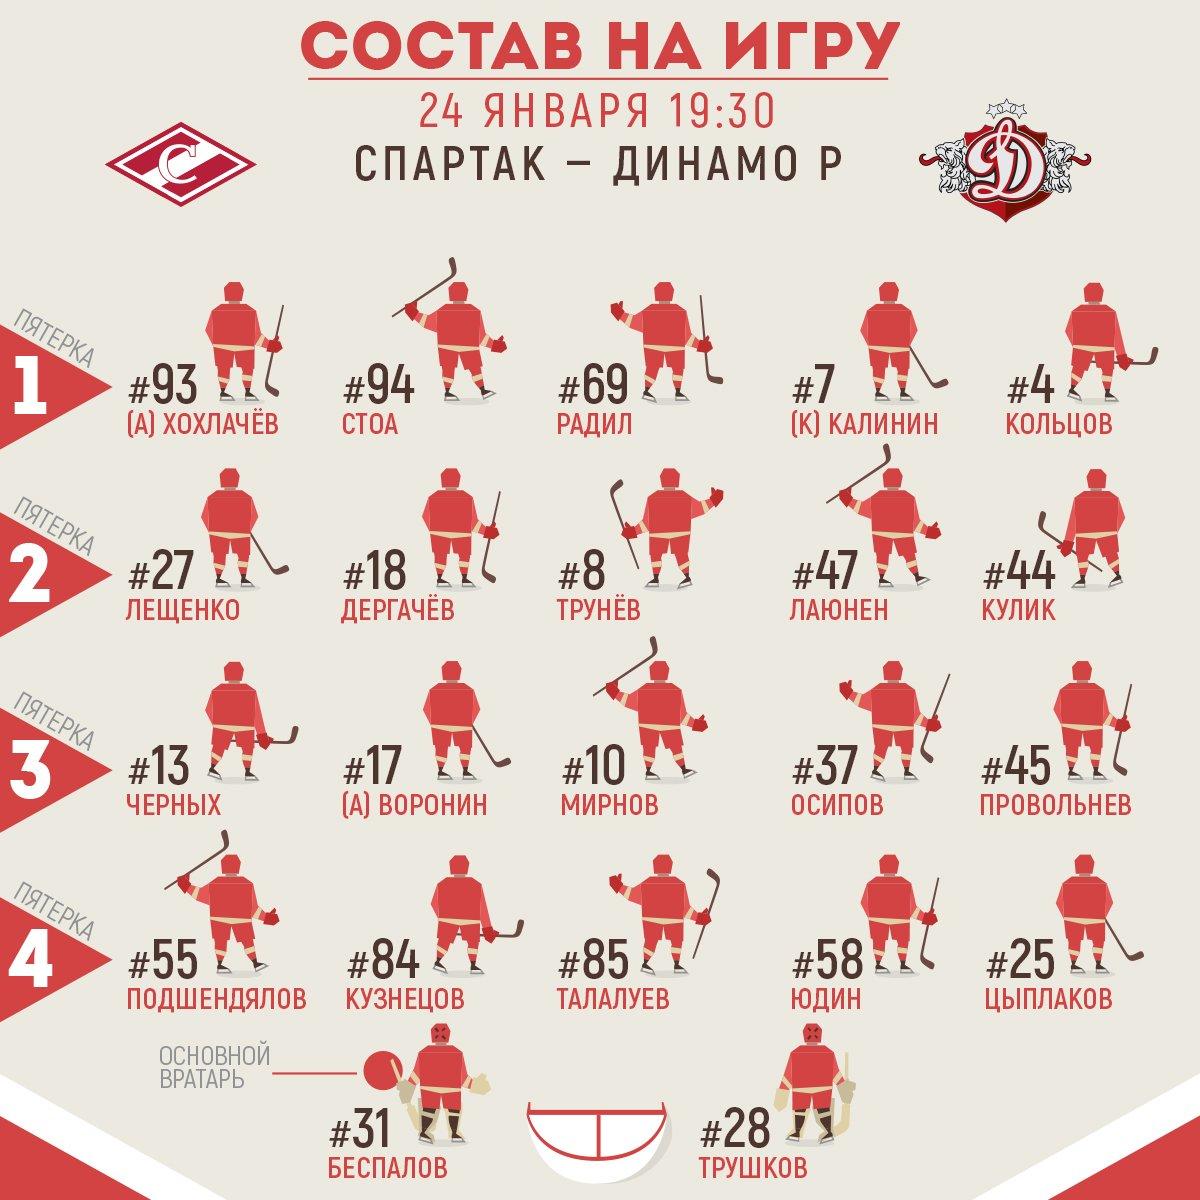 Состав «Спартака» на матч с «Динамо» (Рига)